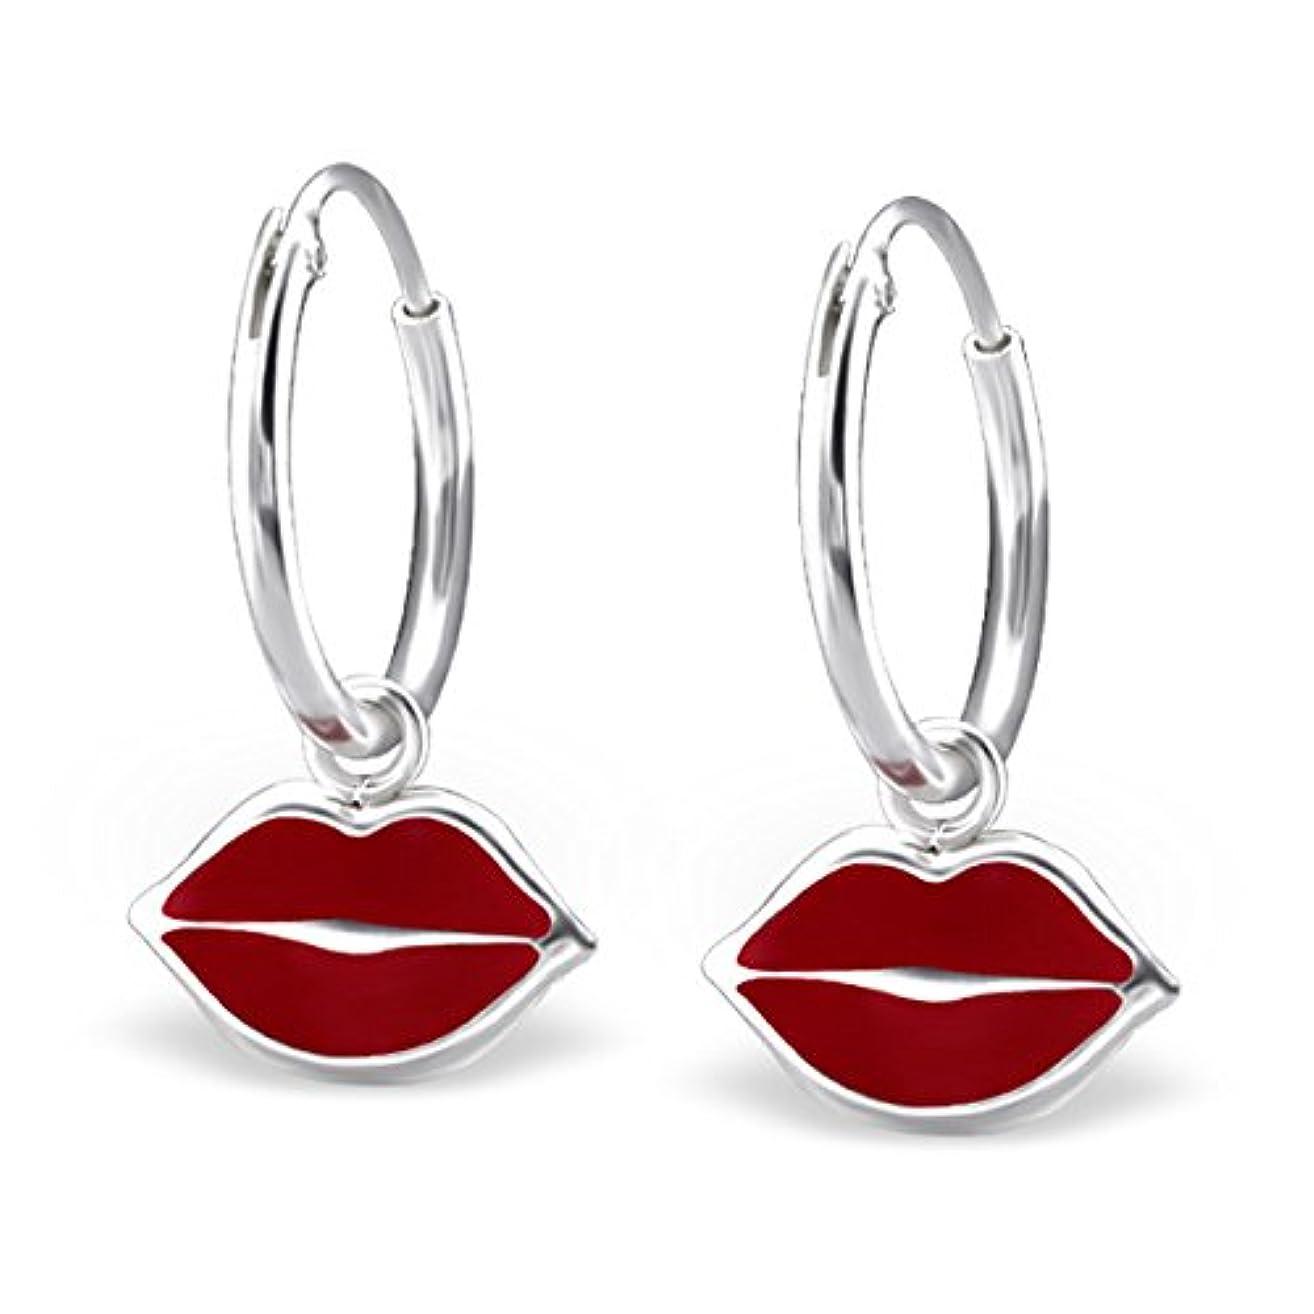 Genuine 925 Sterling Silver Red Lips Earrings Hoop Dangle